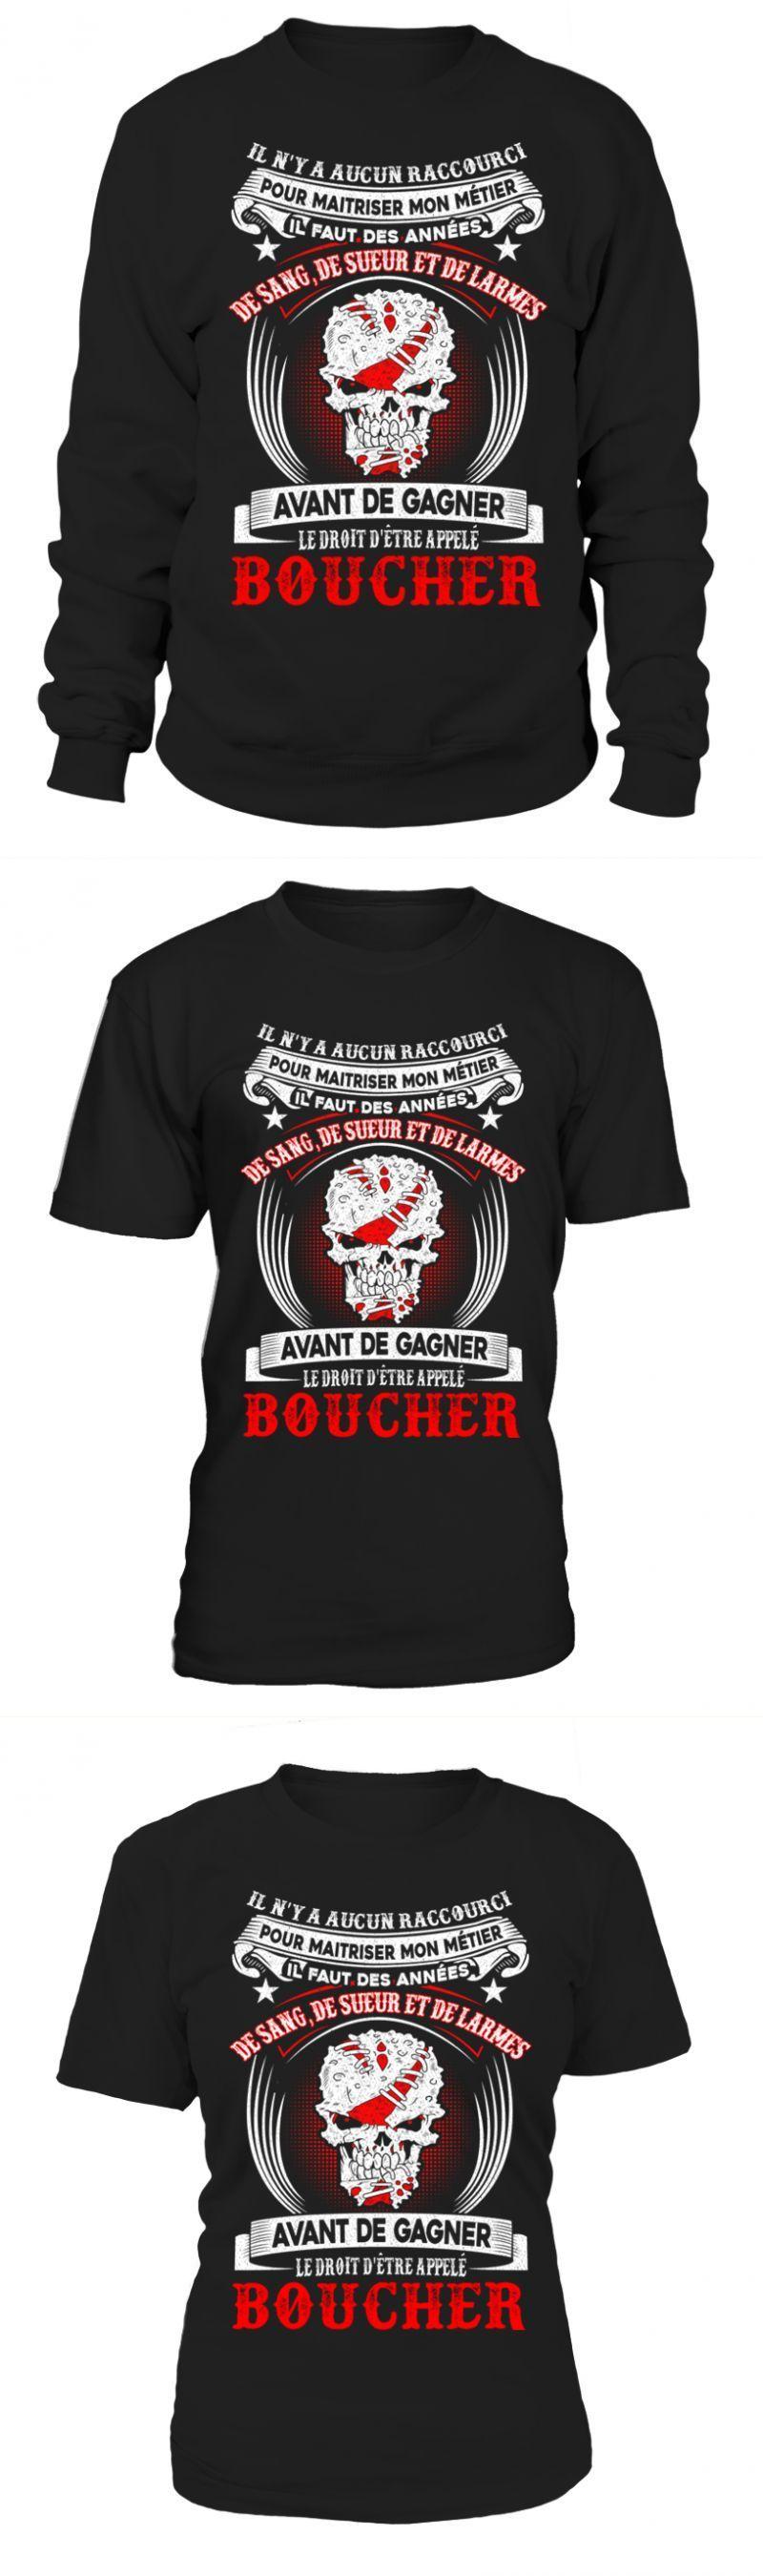 T Shirt Design Freelance Job Boucher T Shirt Graphic Designer Job Description Tee Shirt Sale Shirt Designs Womens Shirts